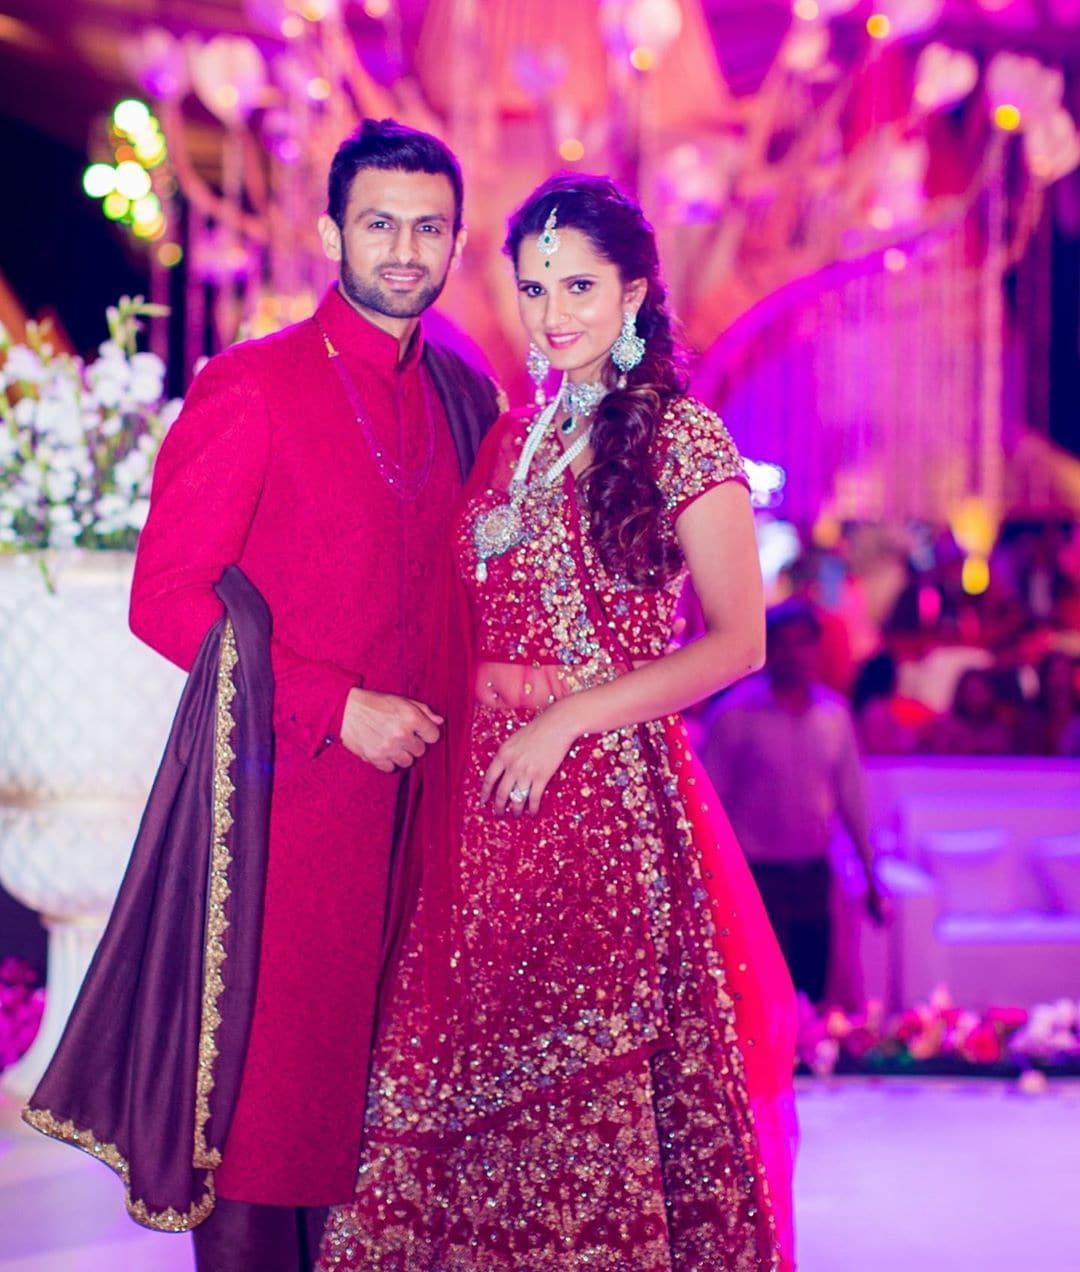 اس سے قبل 12 اپریل 2020 کو اپنی شادی کی 10 ویں سالگرہ کے موقع پر شعیب ملک اور ثانیہ مرزا نے سوشل میڈیا پر ایک دوسرے کے لئے دلی نیک خواہشات پوسٹ کی تھیں۔